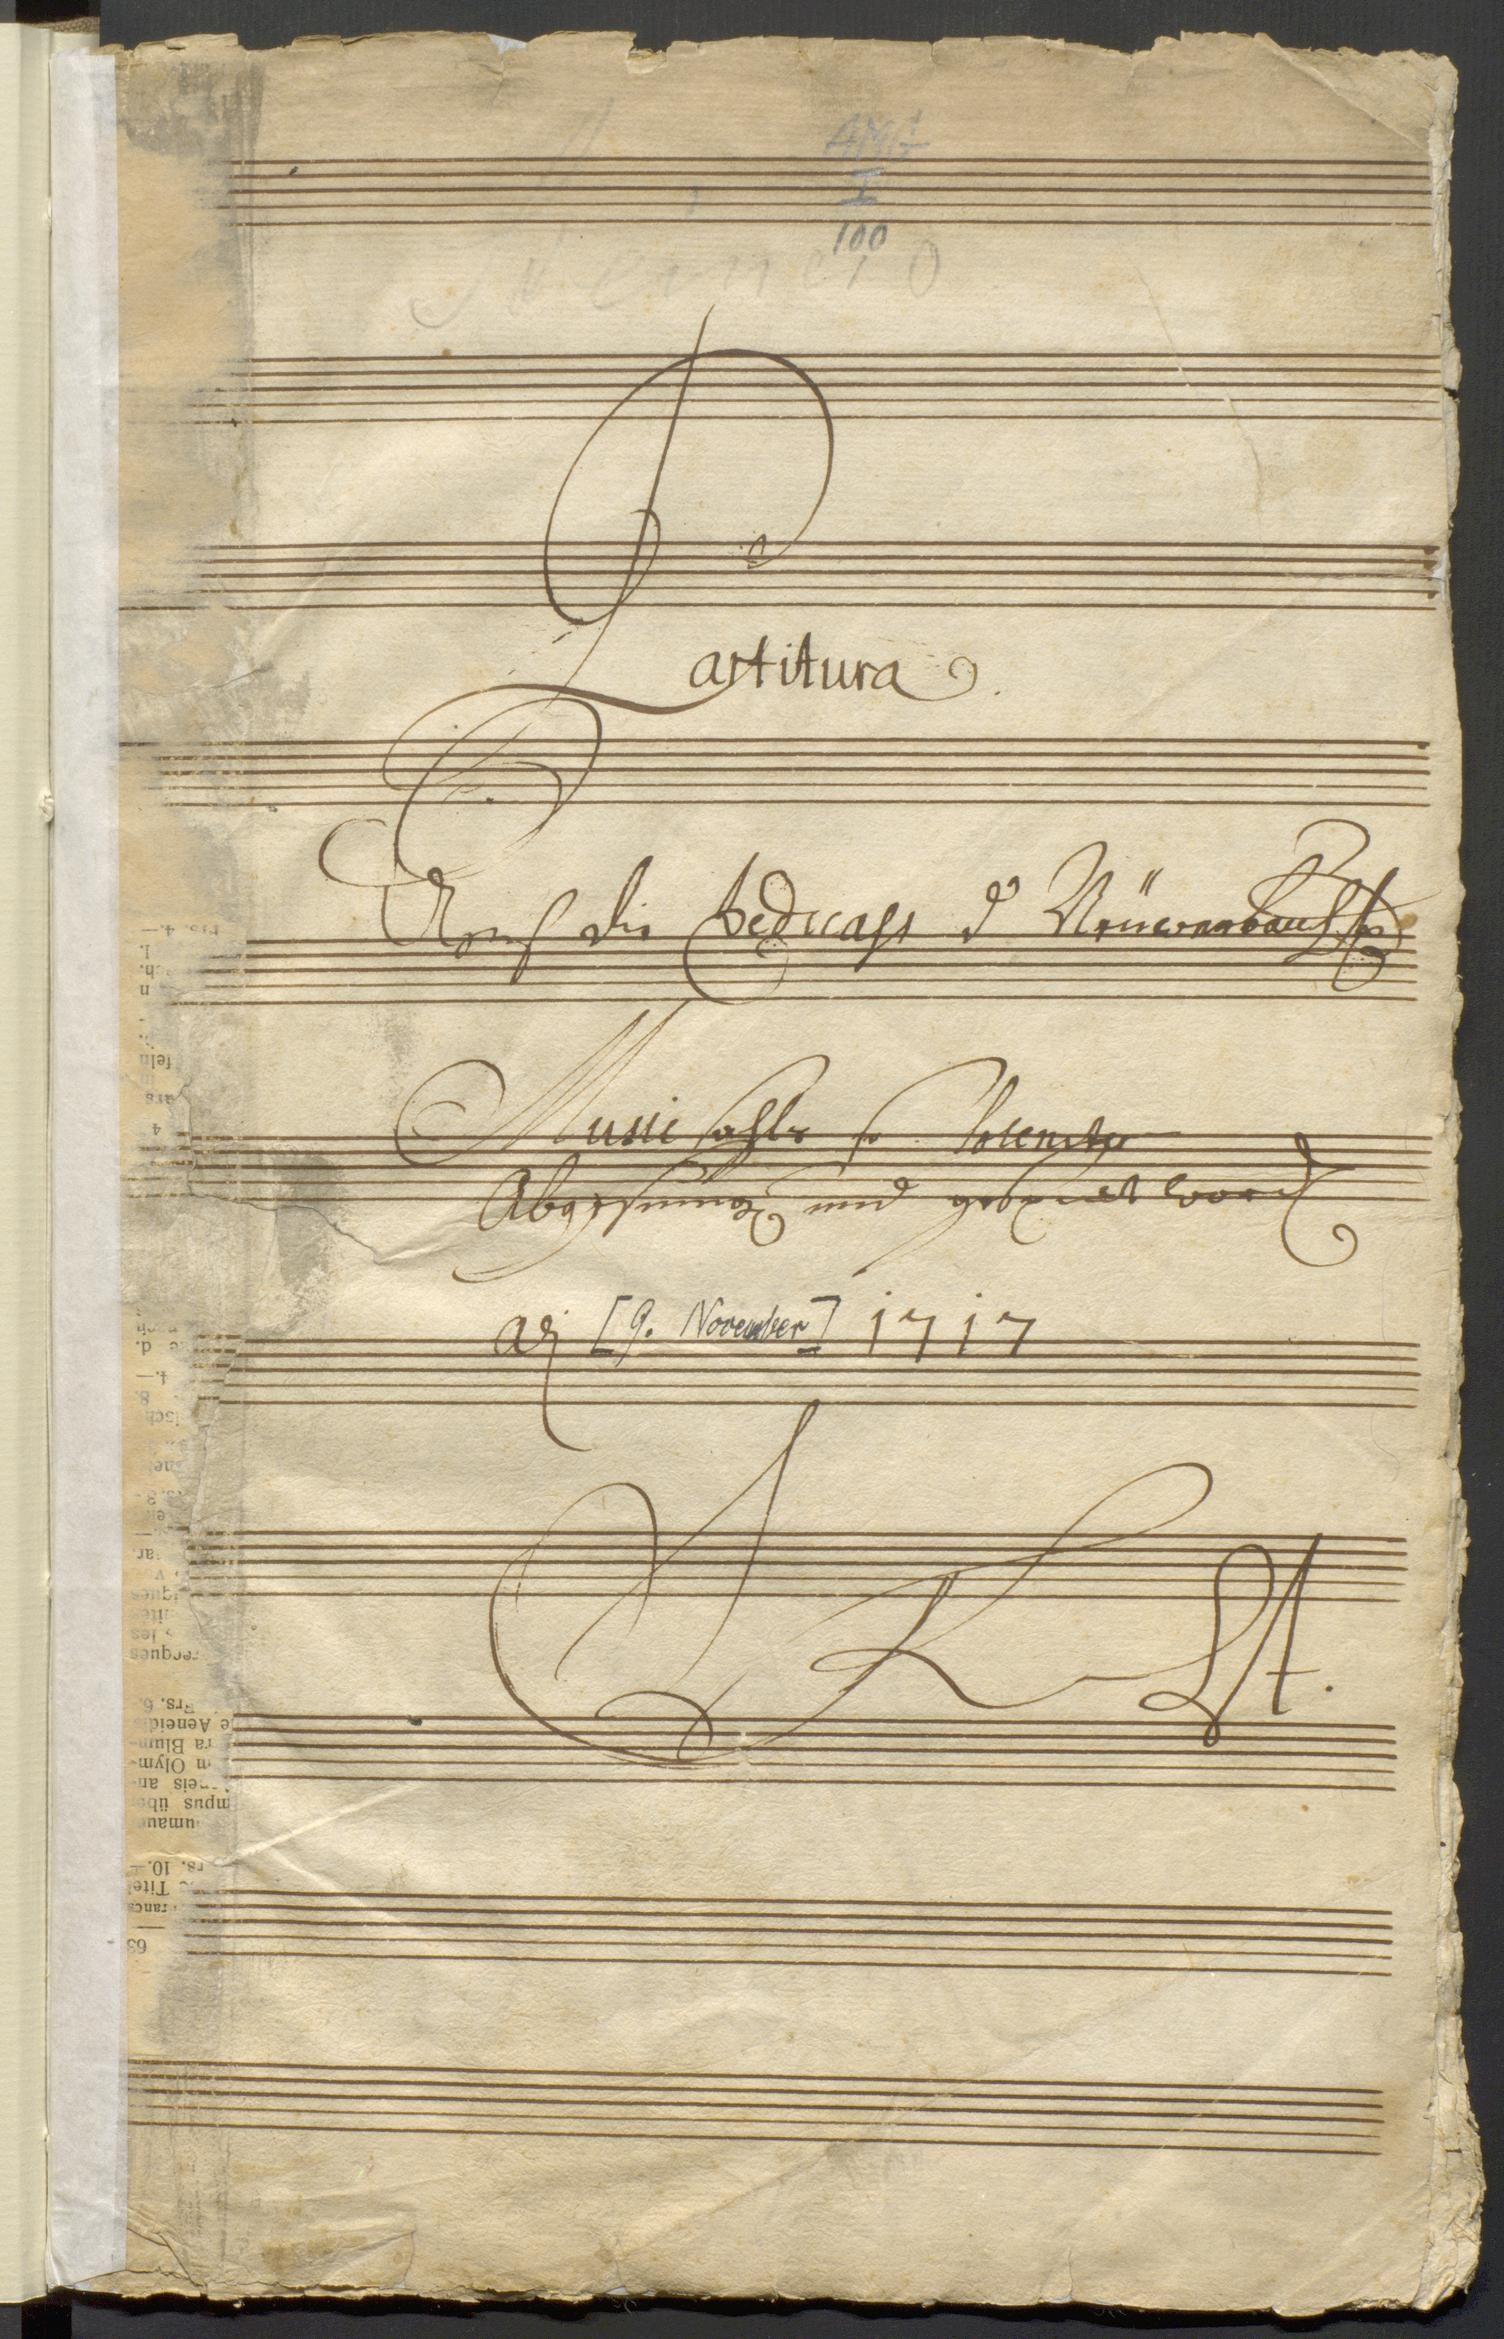 Autographe Partitur der Komposition von Johann Ludwig Steiner für die Einweihung des neuen Konzertsaals von Zürich am 9. November 1717.